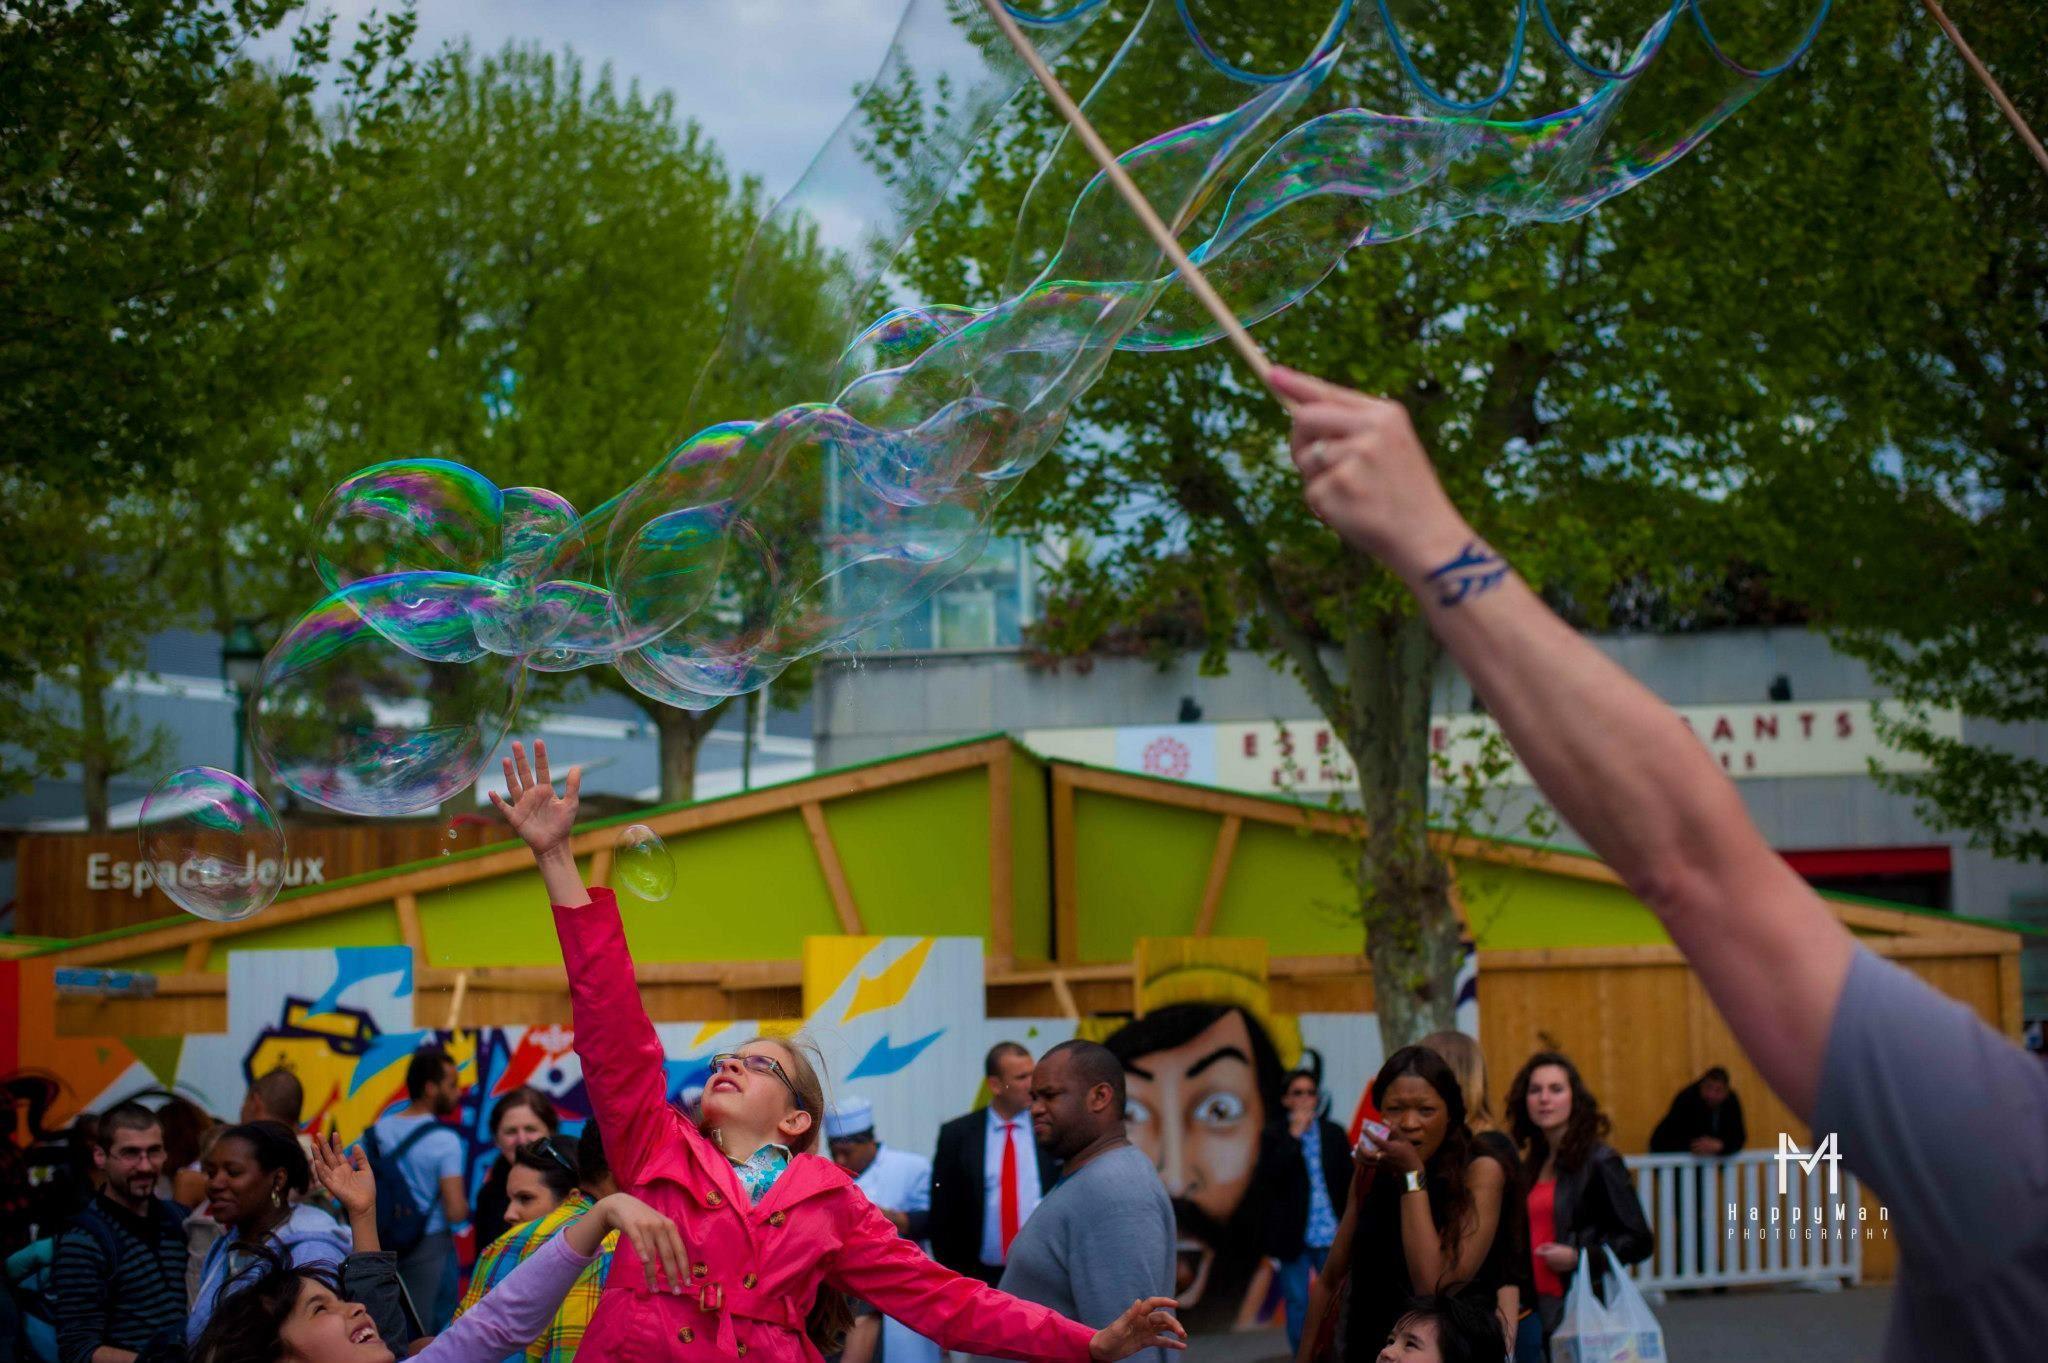 Giant Soap Bubble - Bulles de savon géantes www.fred-bulleur.com